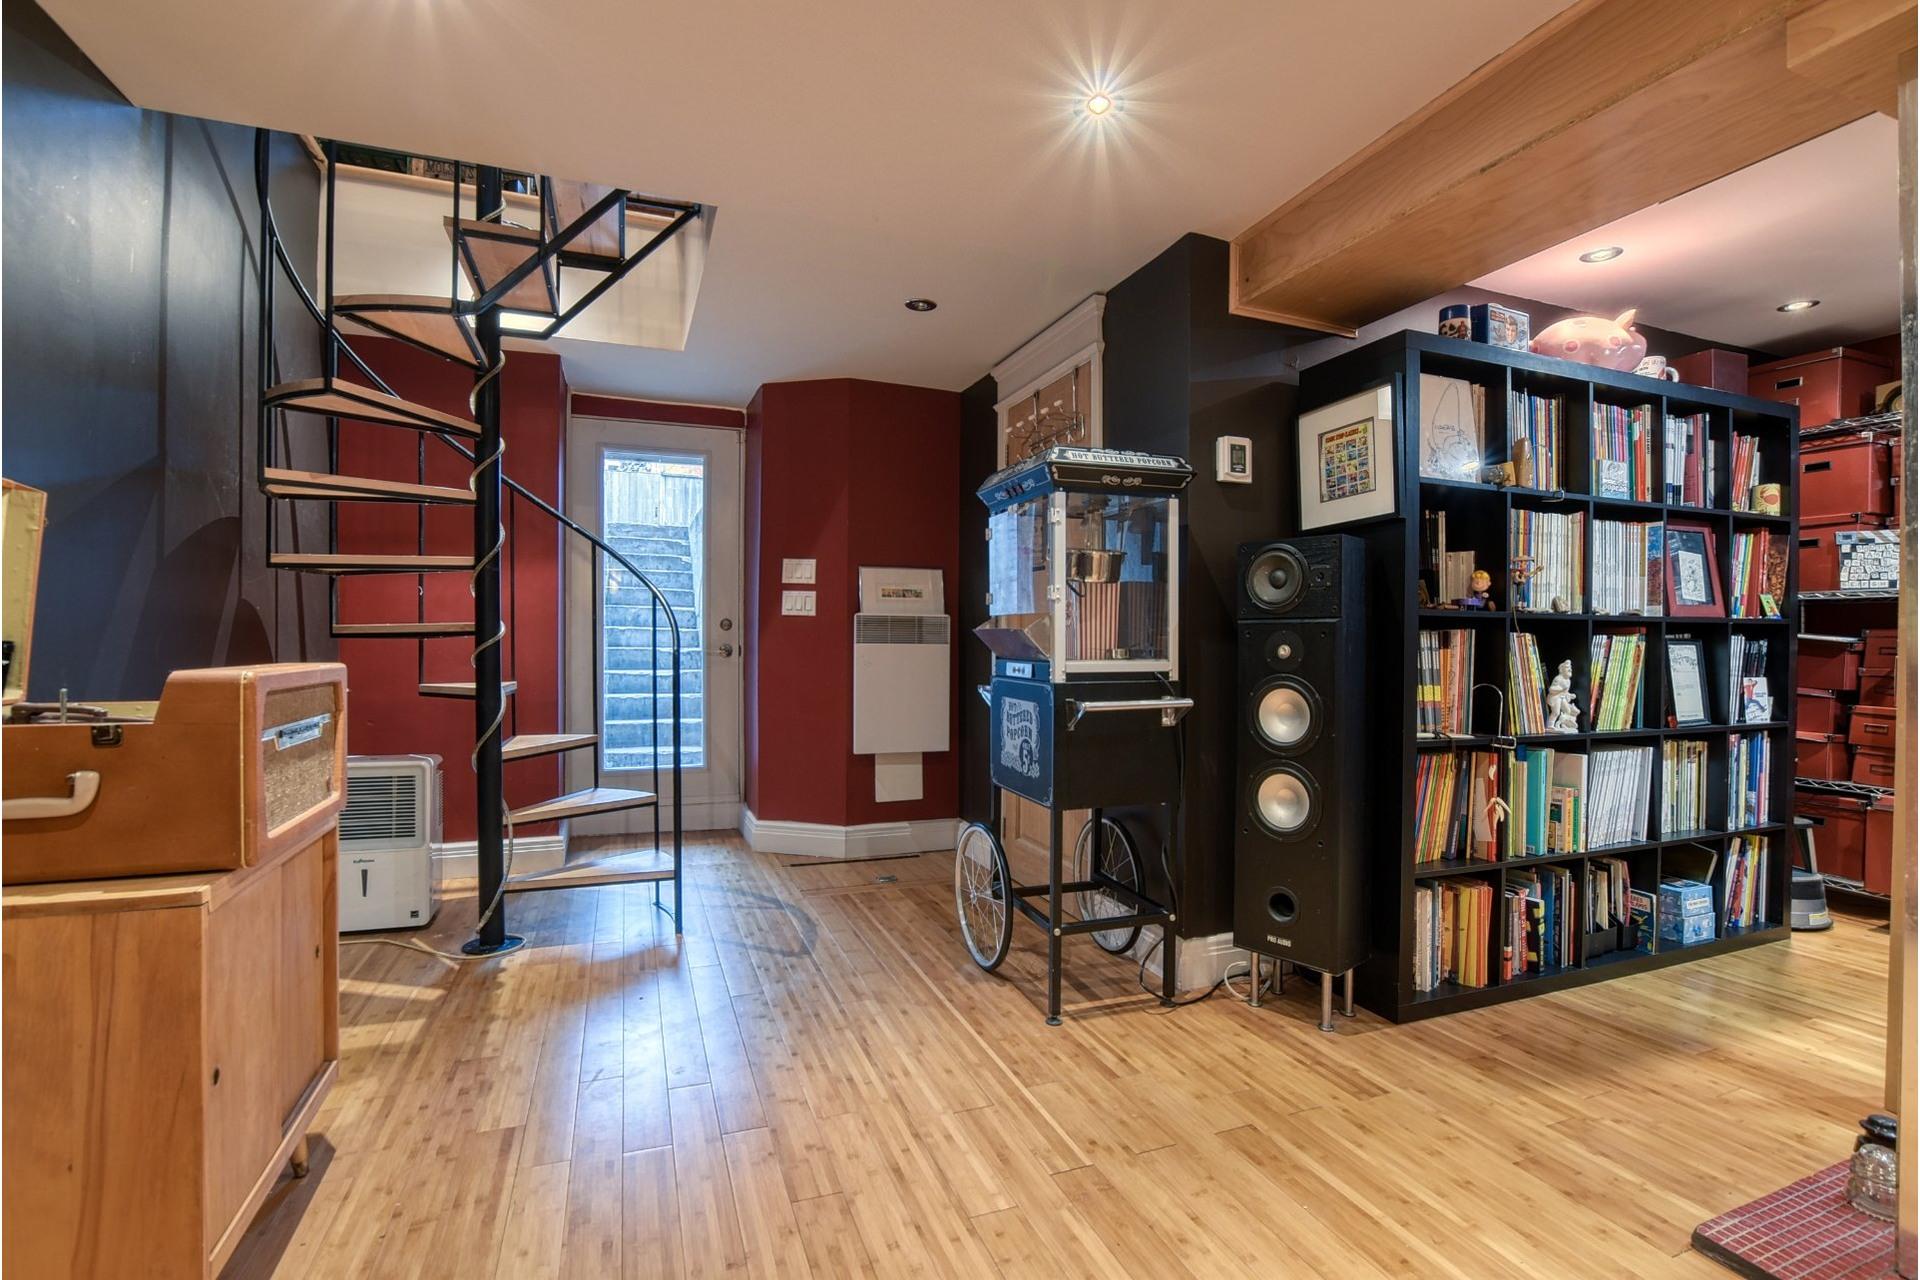 image 18 - Appartement À vendre Mercier/Hochelaga-Maisonneuve Montréal  - 5 pièces